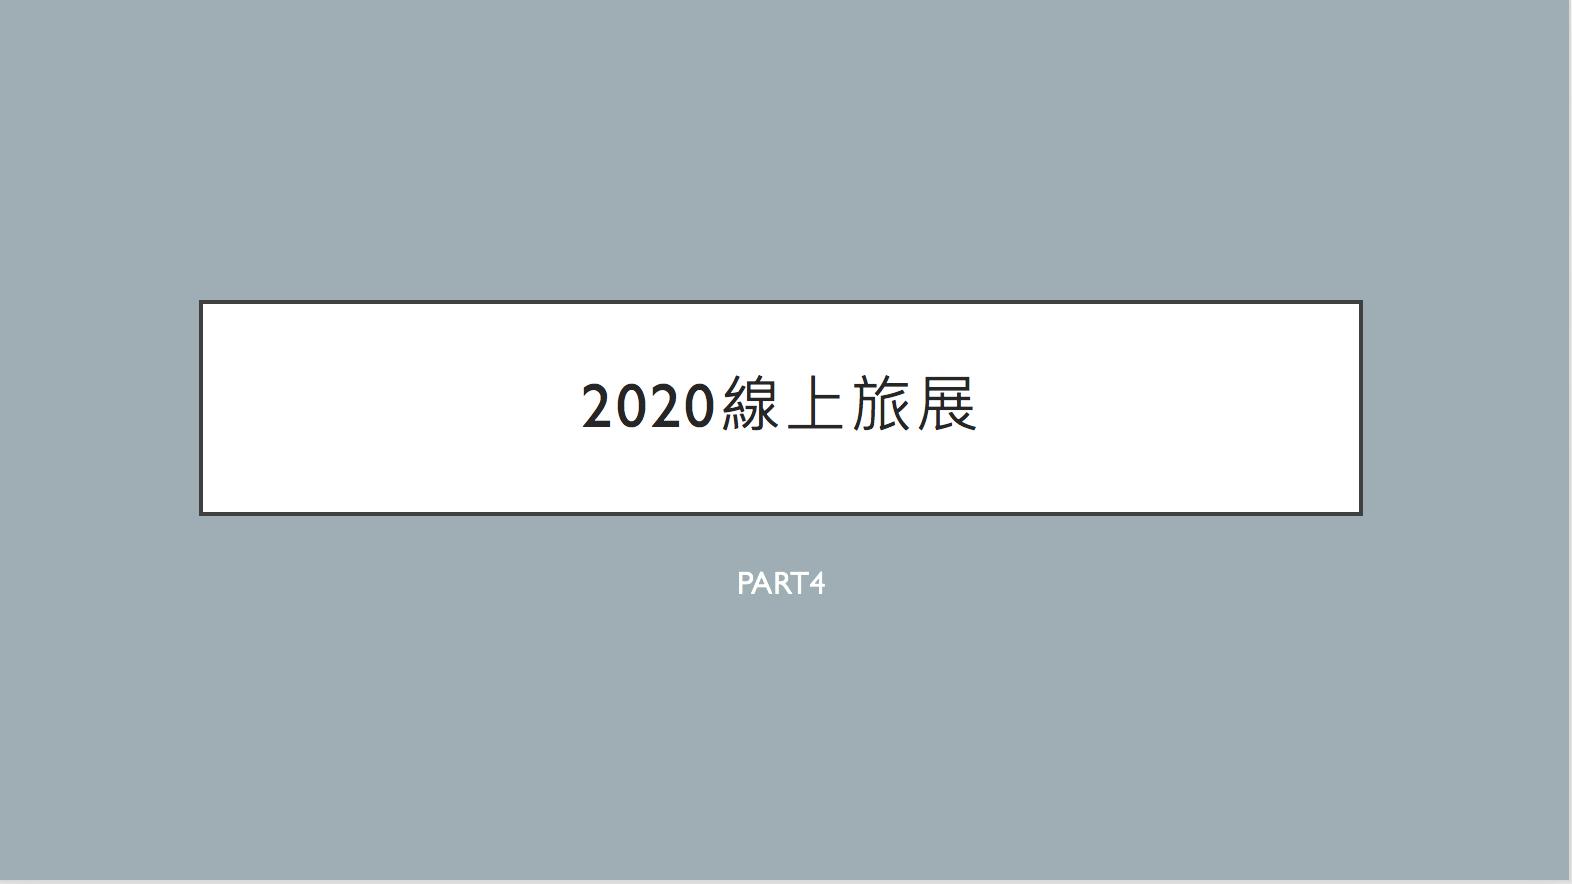 即時熱門文章:2020飯店線上旅展總整理,part4:美福、Indigo、日月、金典~以及國際旅展優惠門票連結~